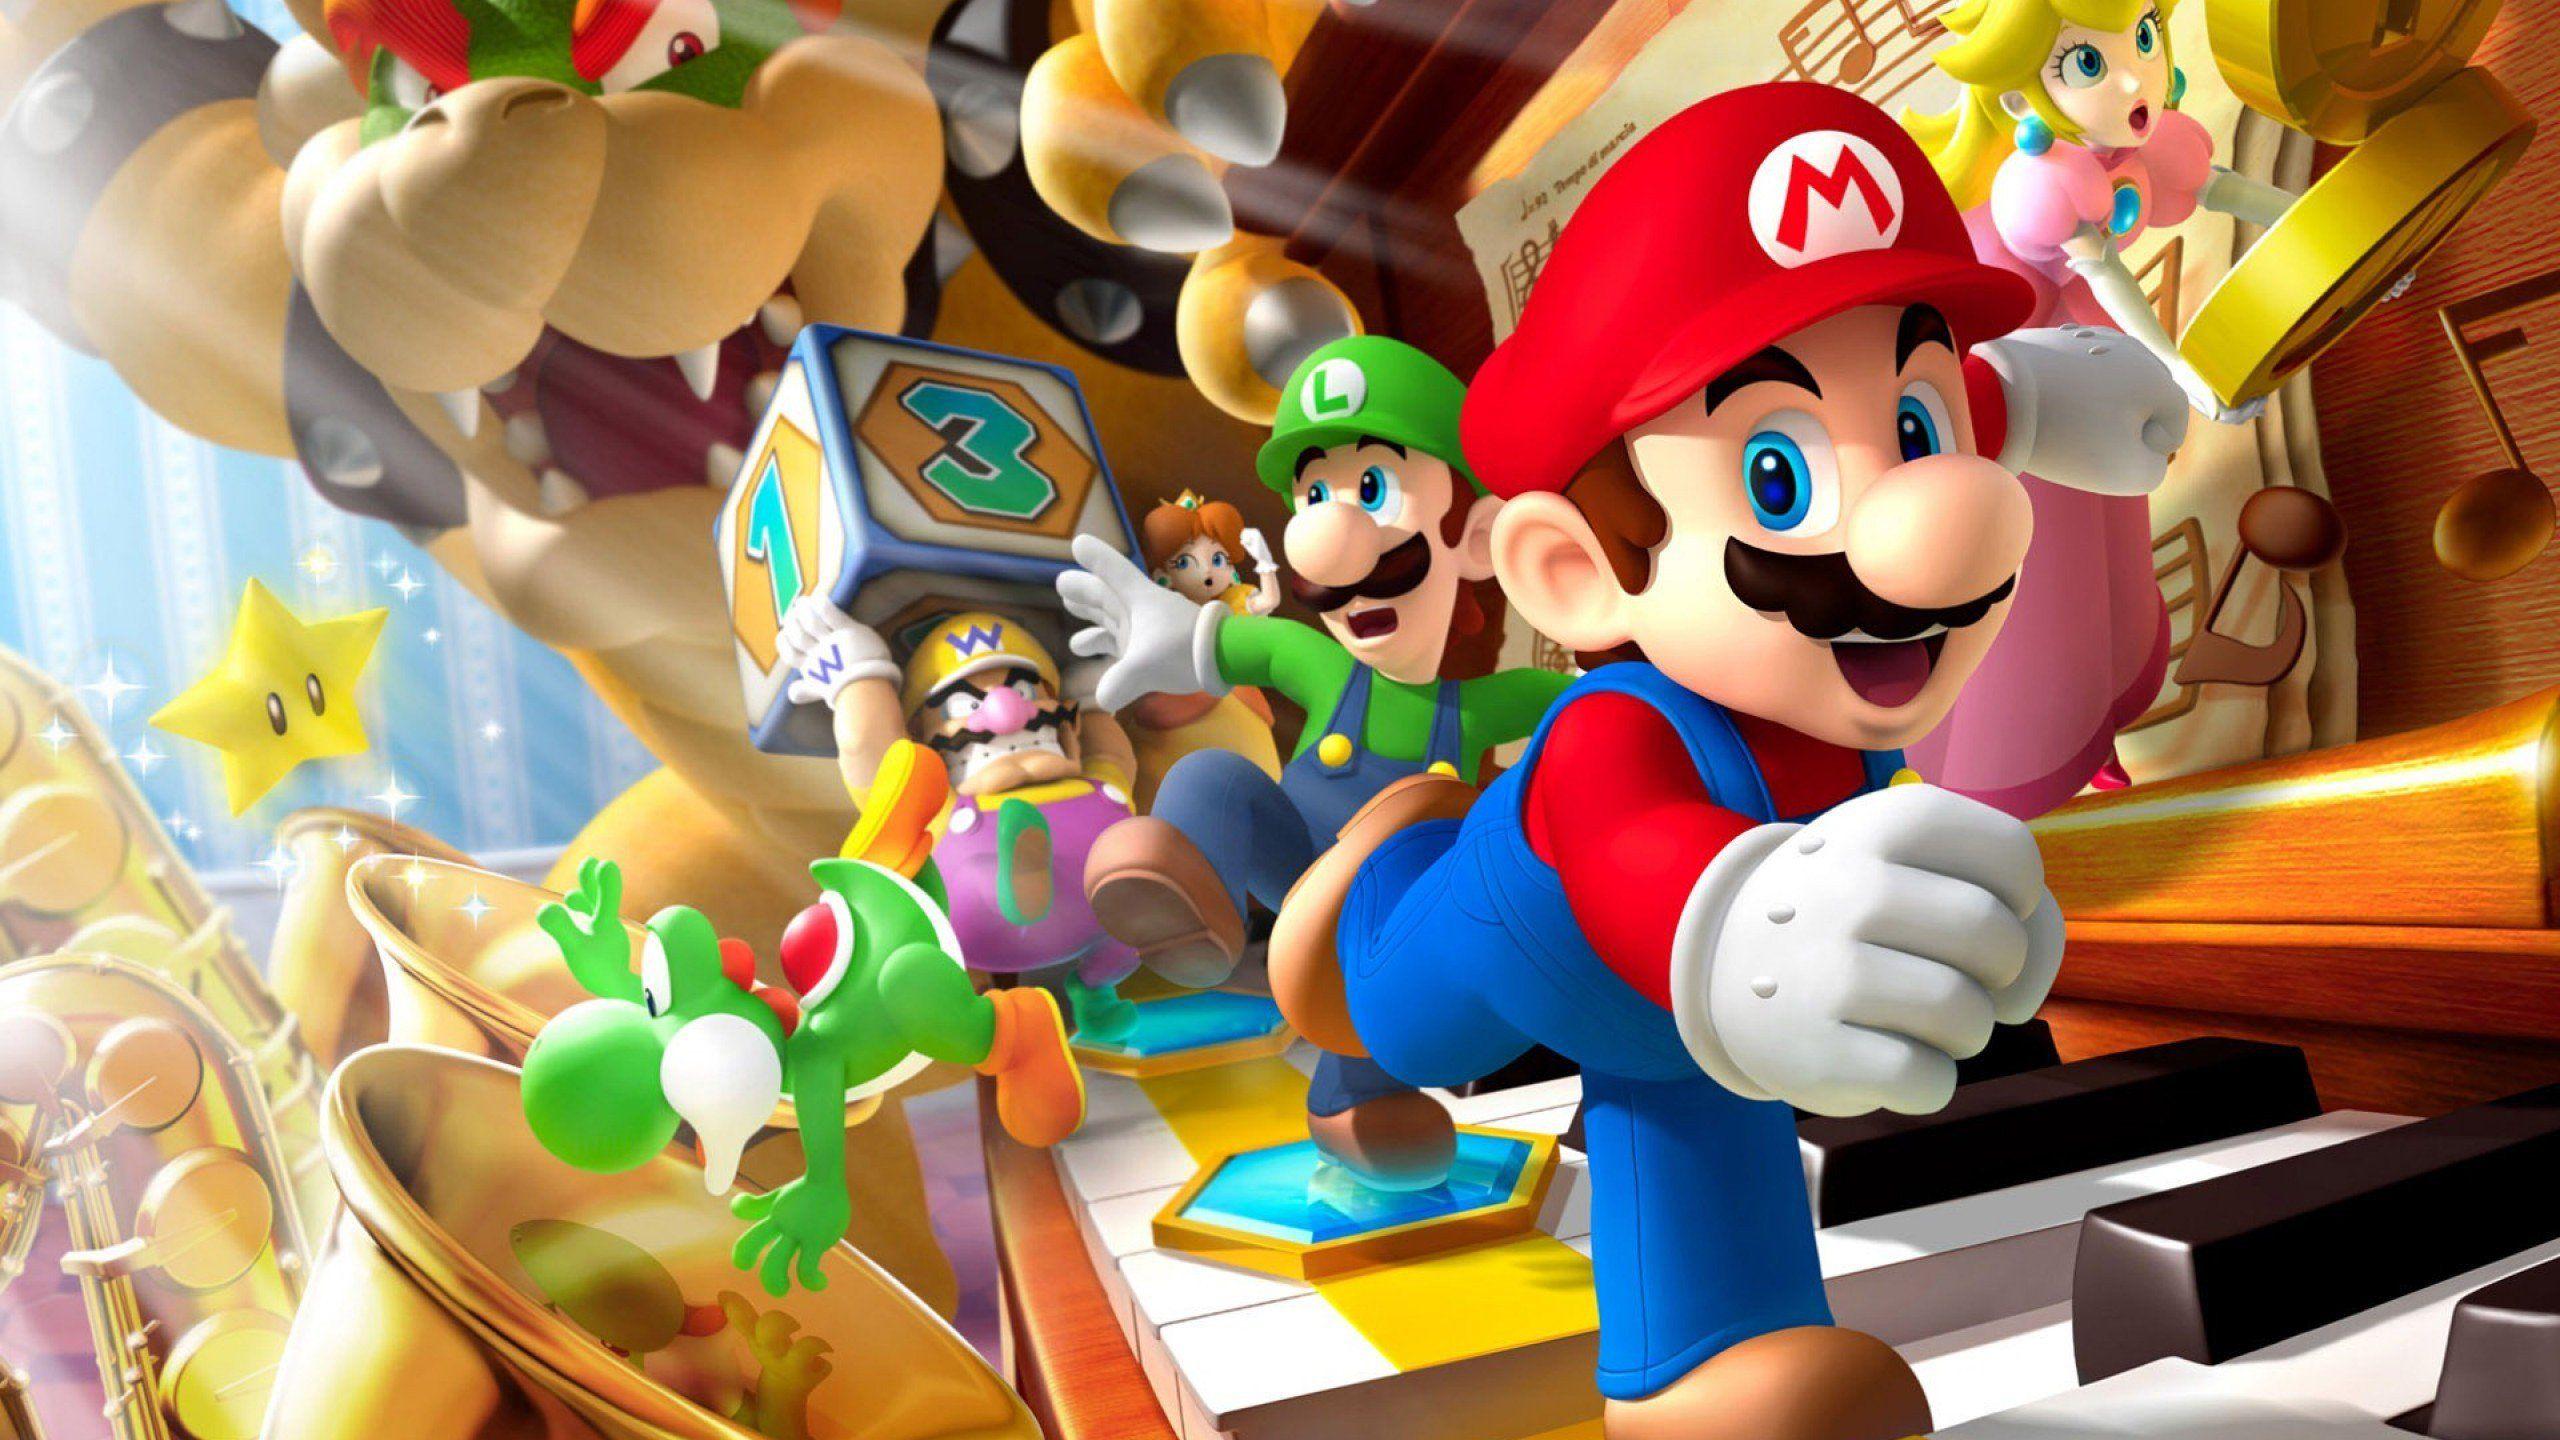 los mejores wallpaper HD para PC!!! Mario y luigi